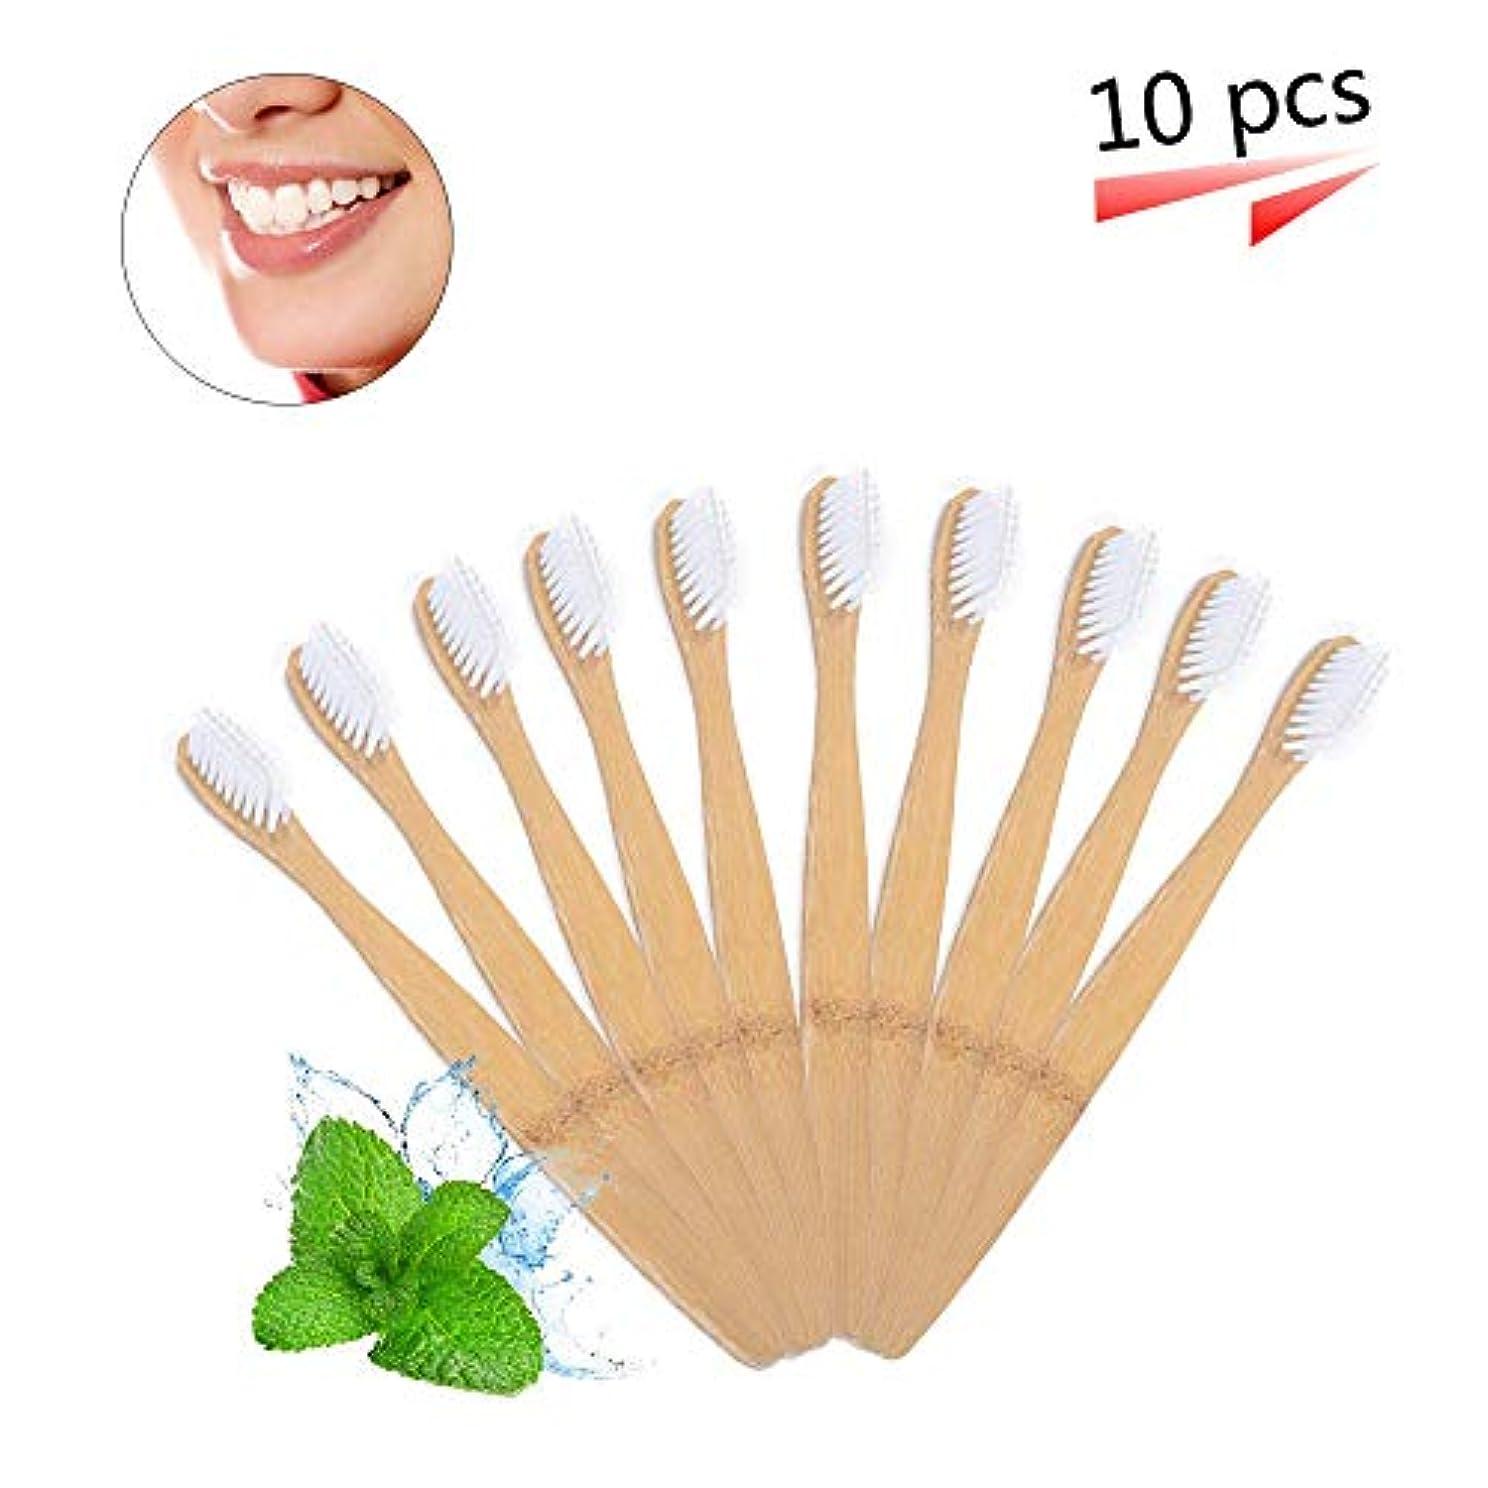 リダクター円形うれしい竹の歯ブラシ 分解性 環境保護の歯ブラシ 天然の柔らかいブラシ ホワイト 10本